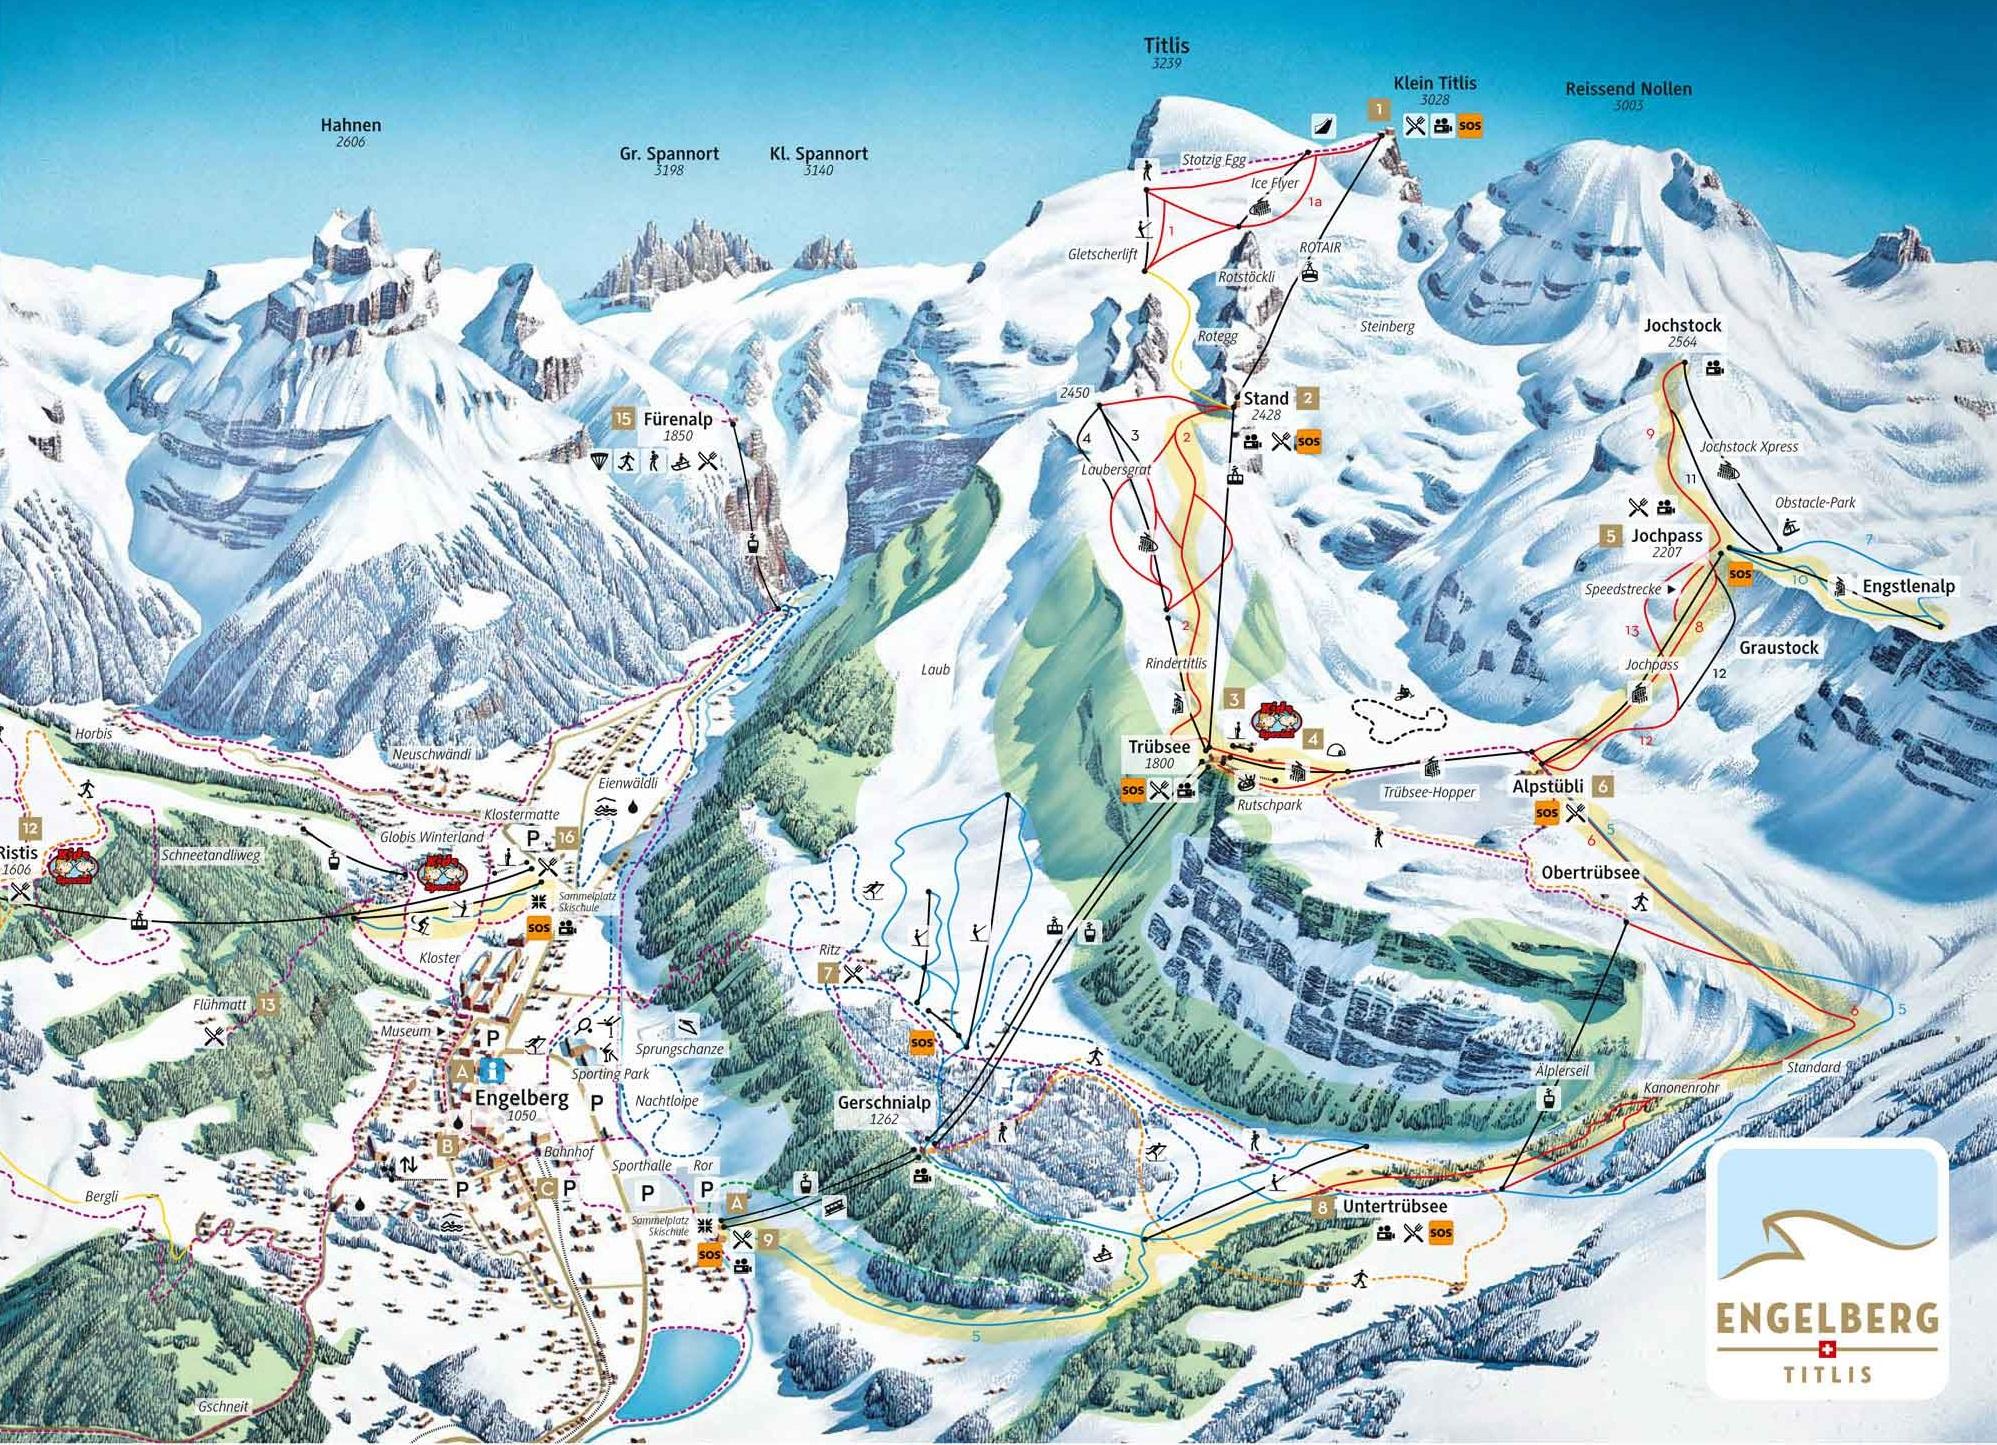 מפת העיירה ואתר הסקי באנגלברג